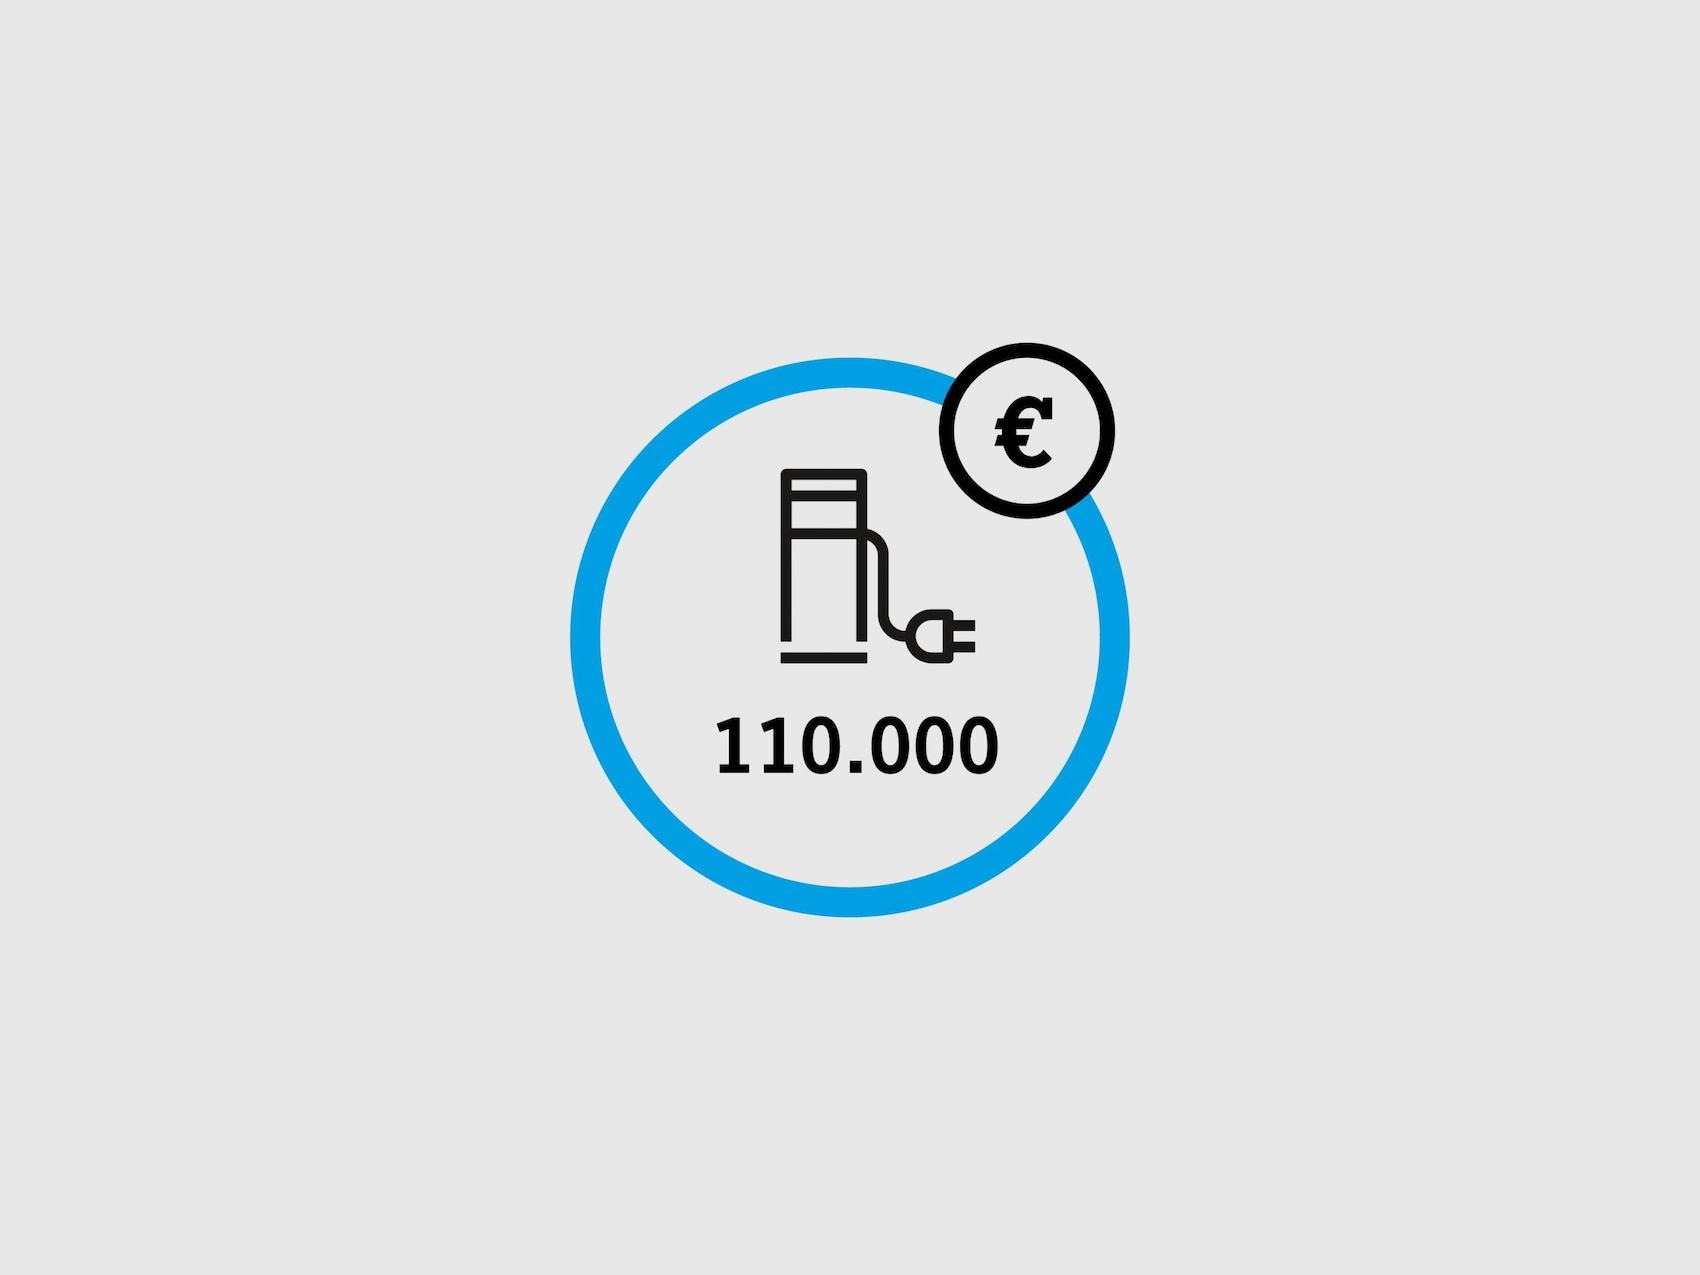 Cercle bleu dans lequel est représenté le logo Plugsurfing et, en-dessous, 110.000.